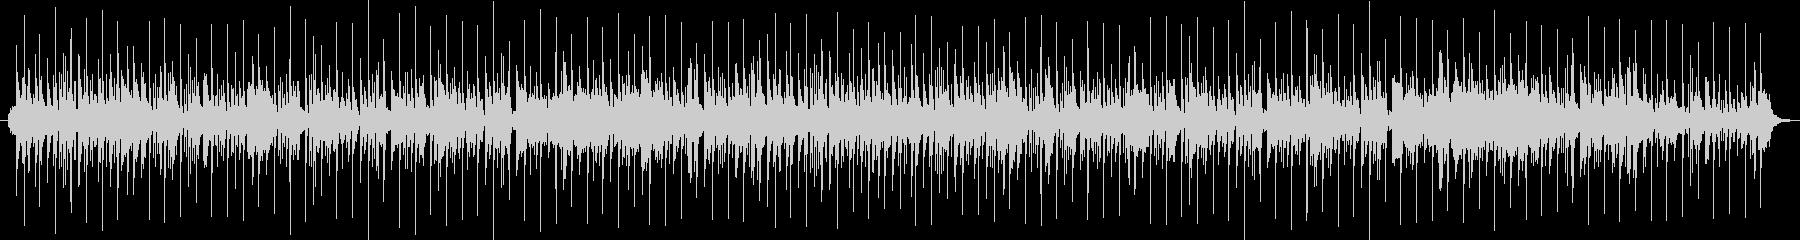 テンポの早い和風のゲーム用BGMの未再生の波形